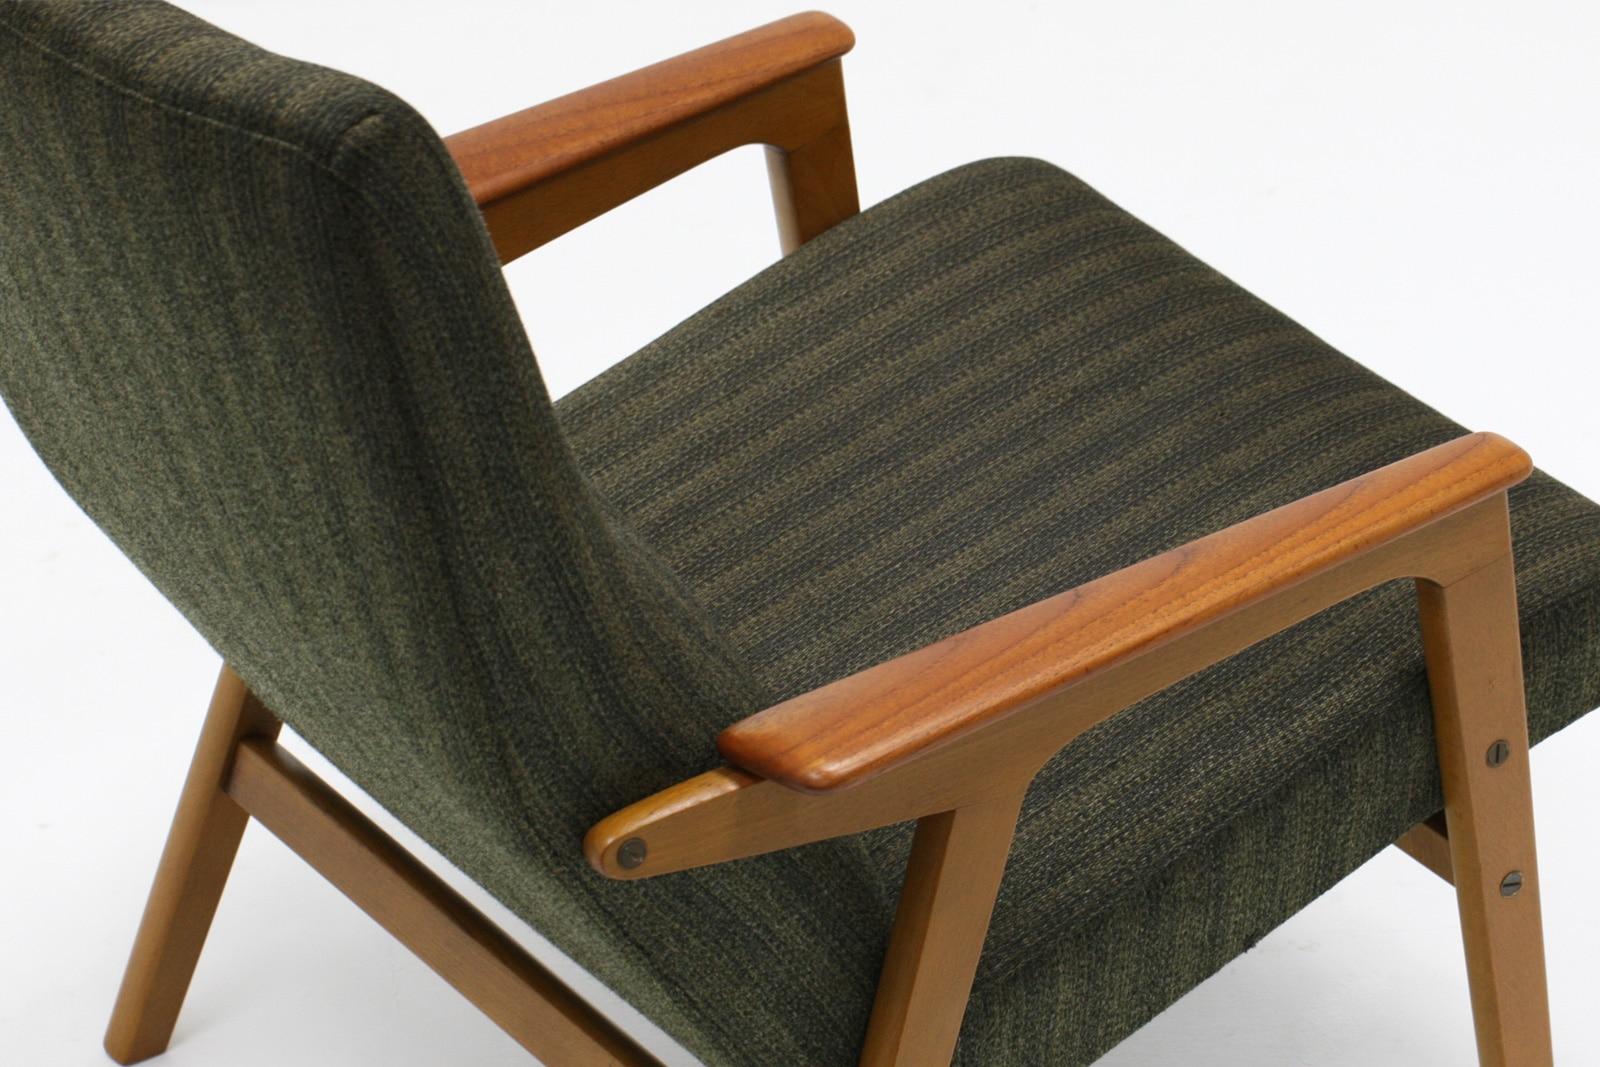 ヴィンテージ,北欧,家具,イージーチェア,安楽椅子